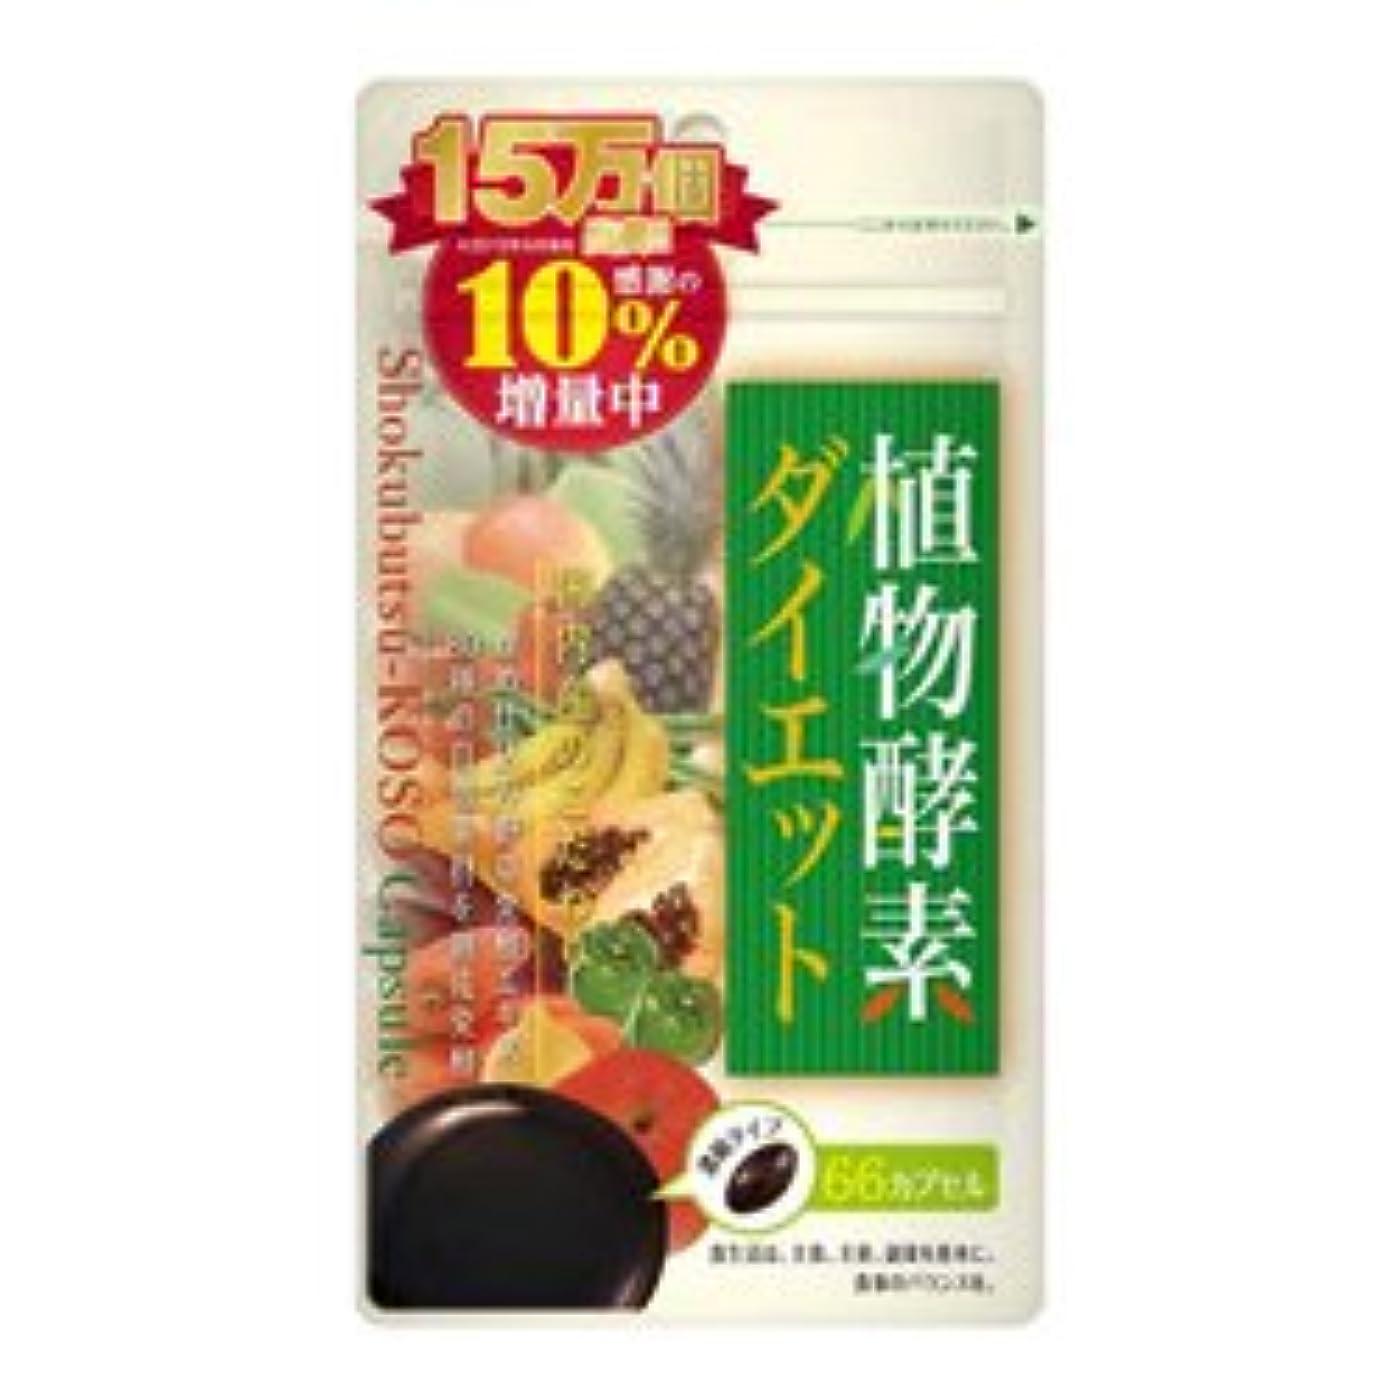 小間パリティセーター【ウエルネスジャパン】植物酵素ダイエット 66カプセル ×20個セット